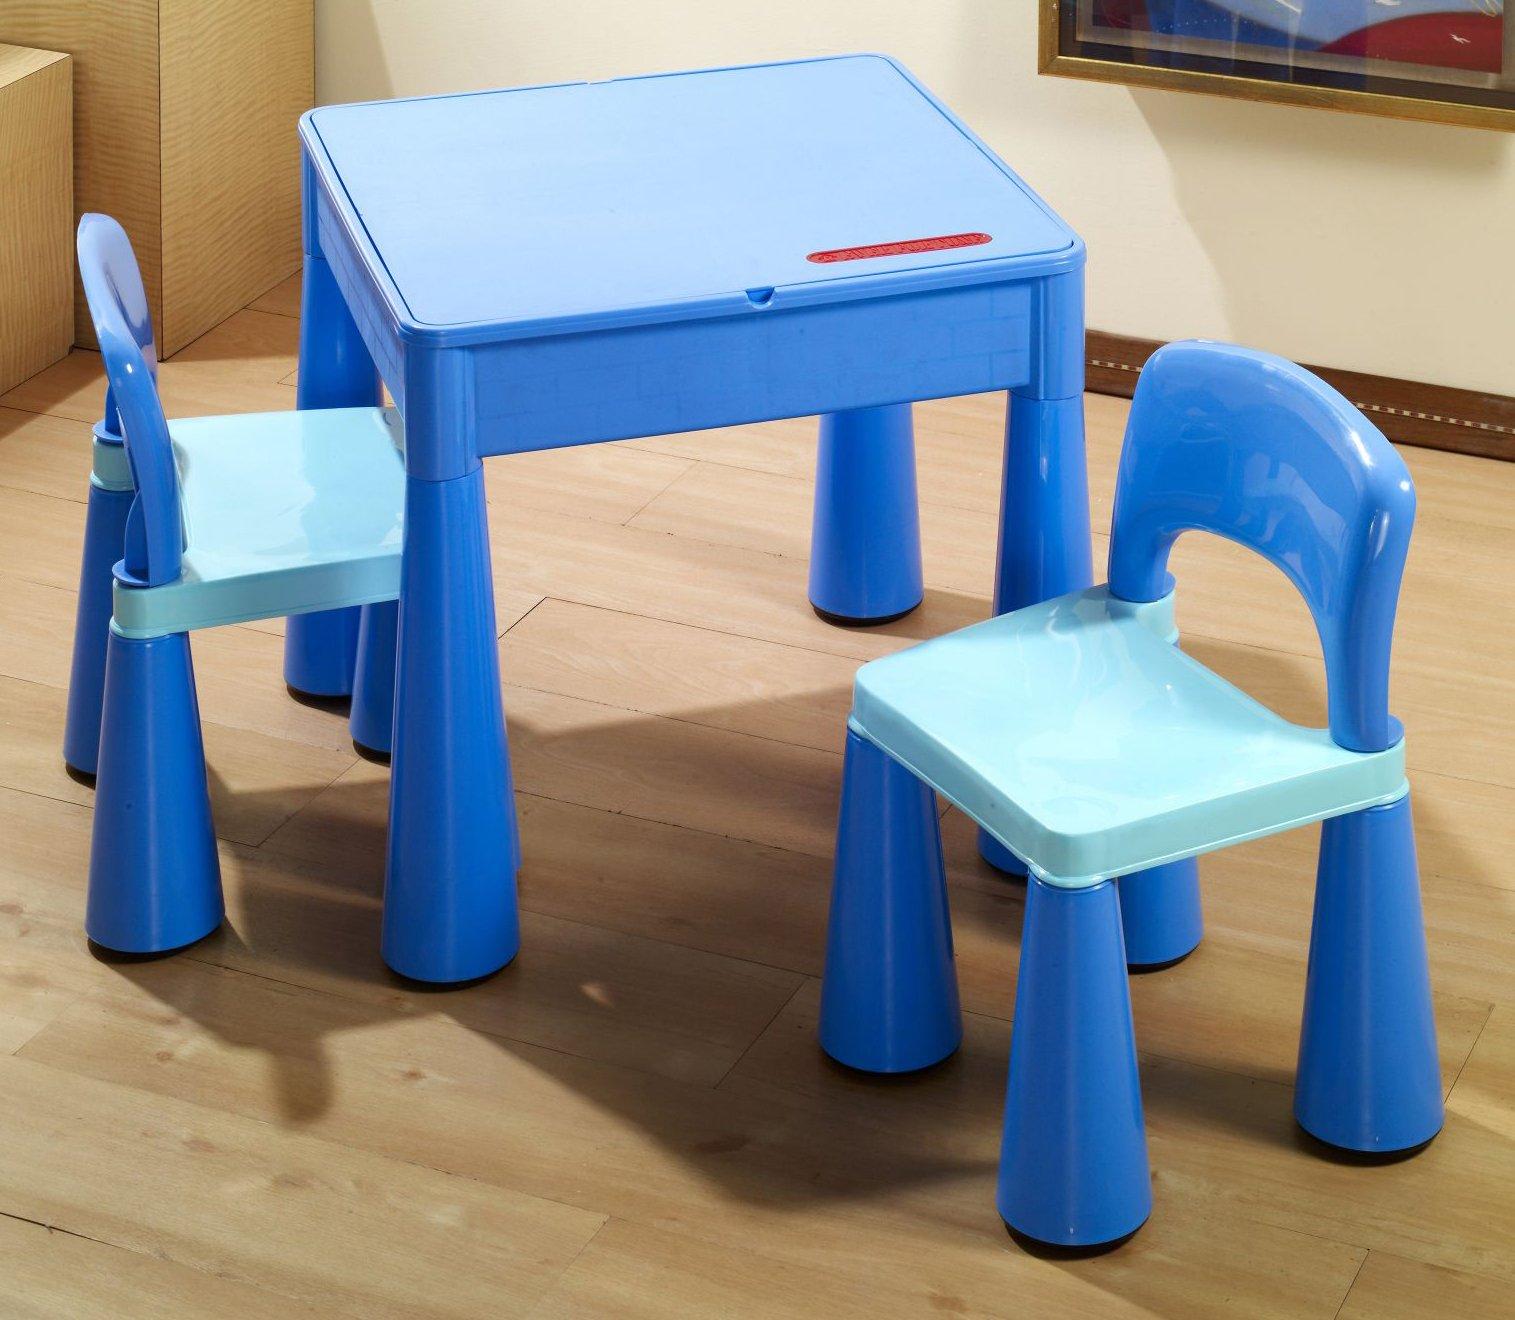 Dìtská sada stoleèek a dvì židlièky Mamut